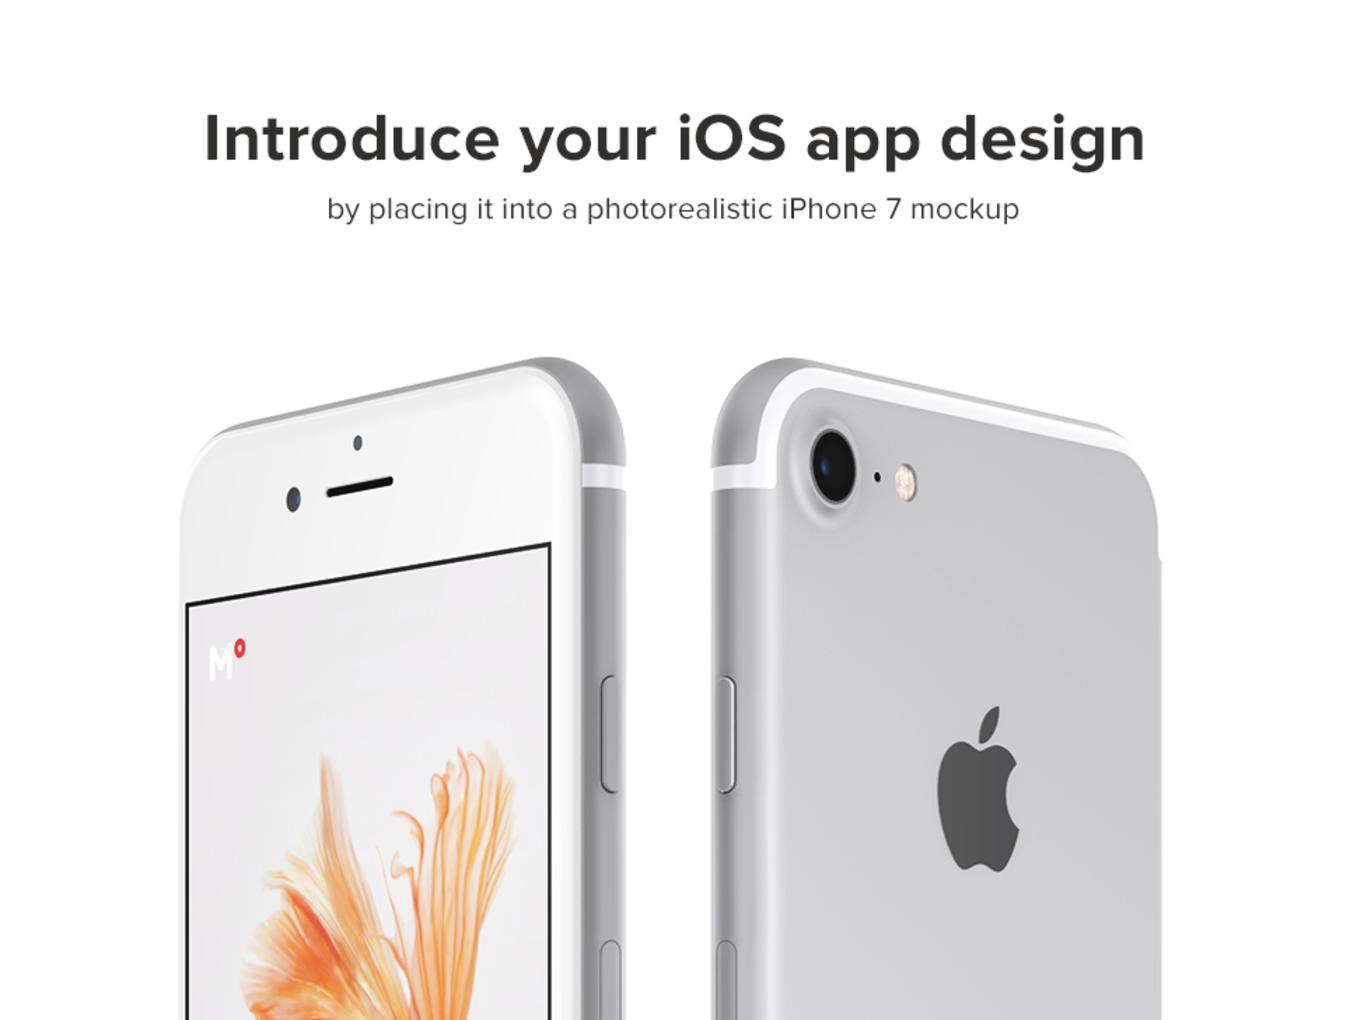 340+ 银色iPhone 7手机样机.psd素材下载 样机素材-第4张